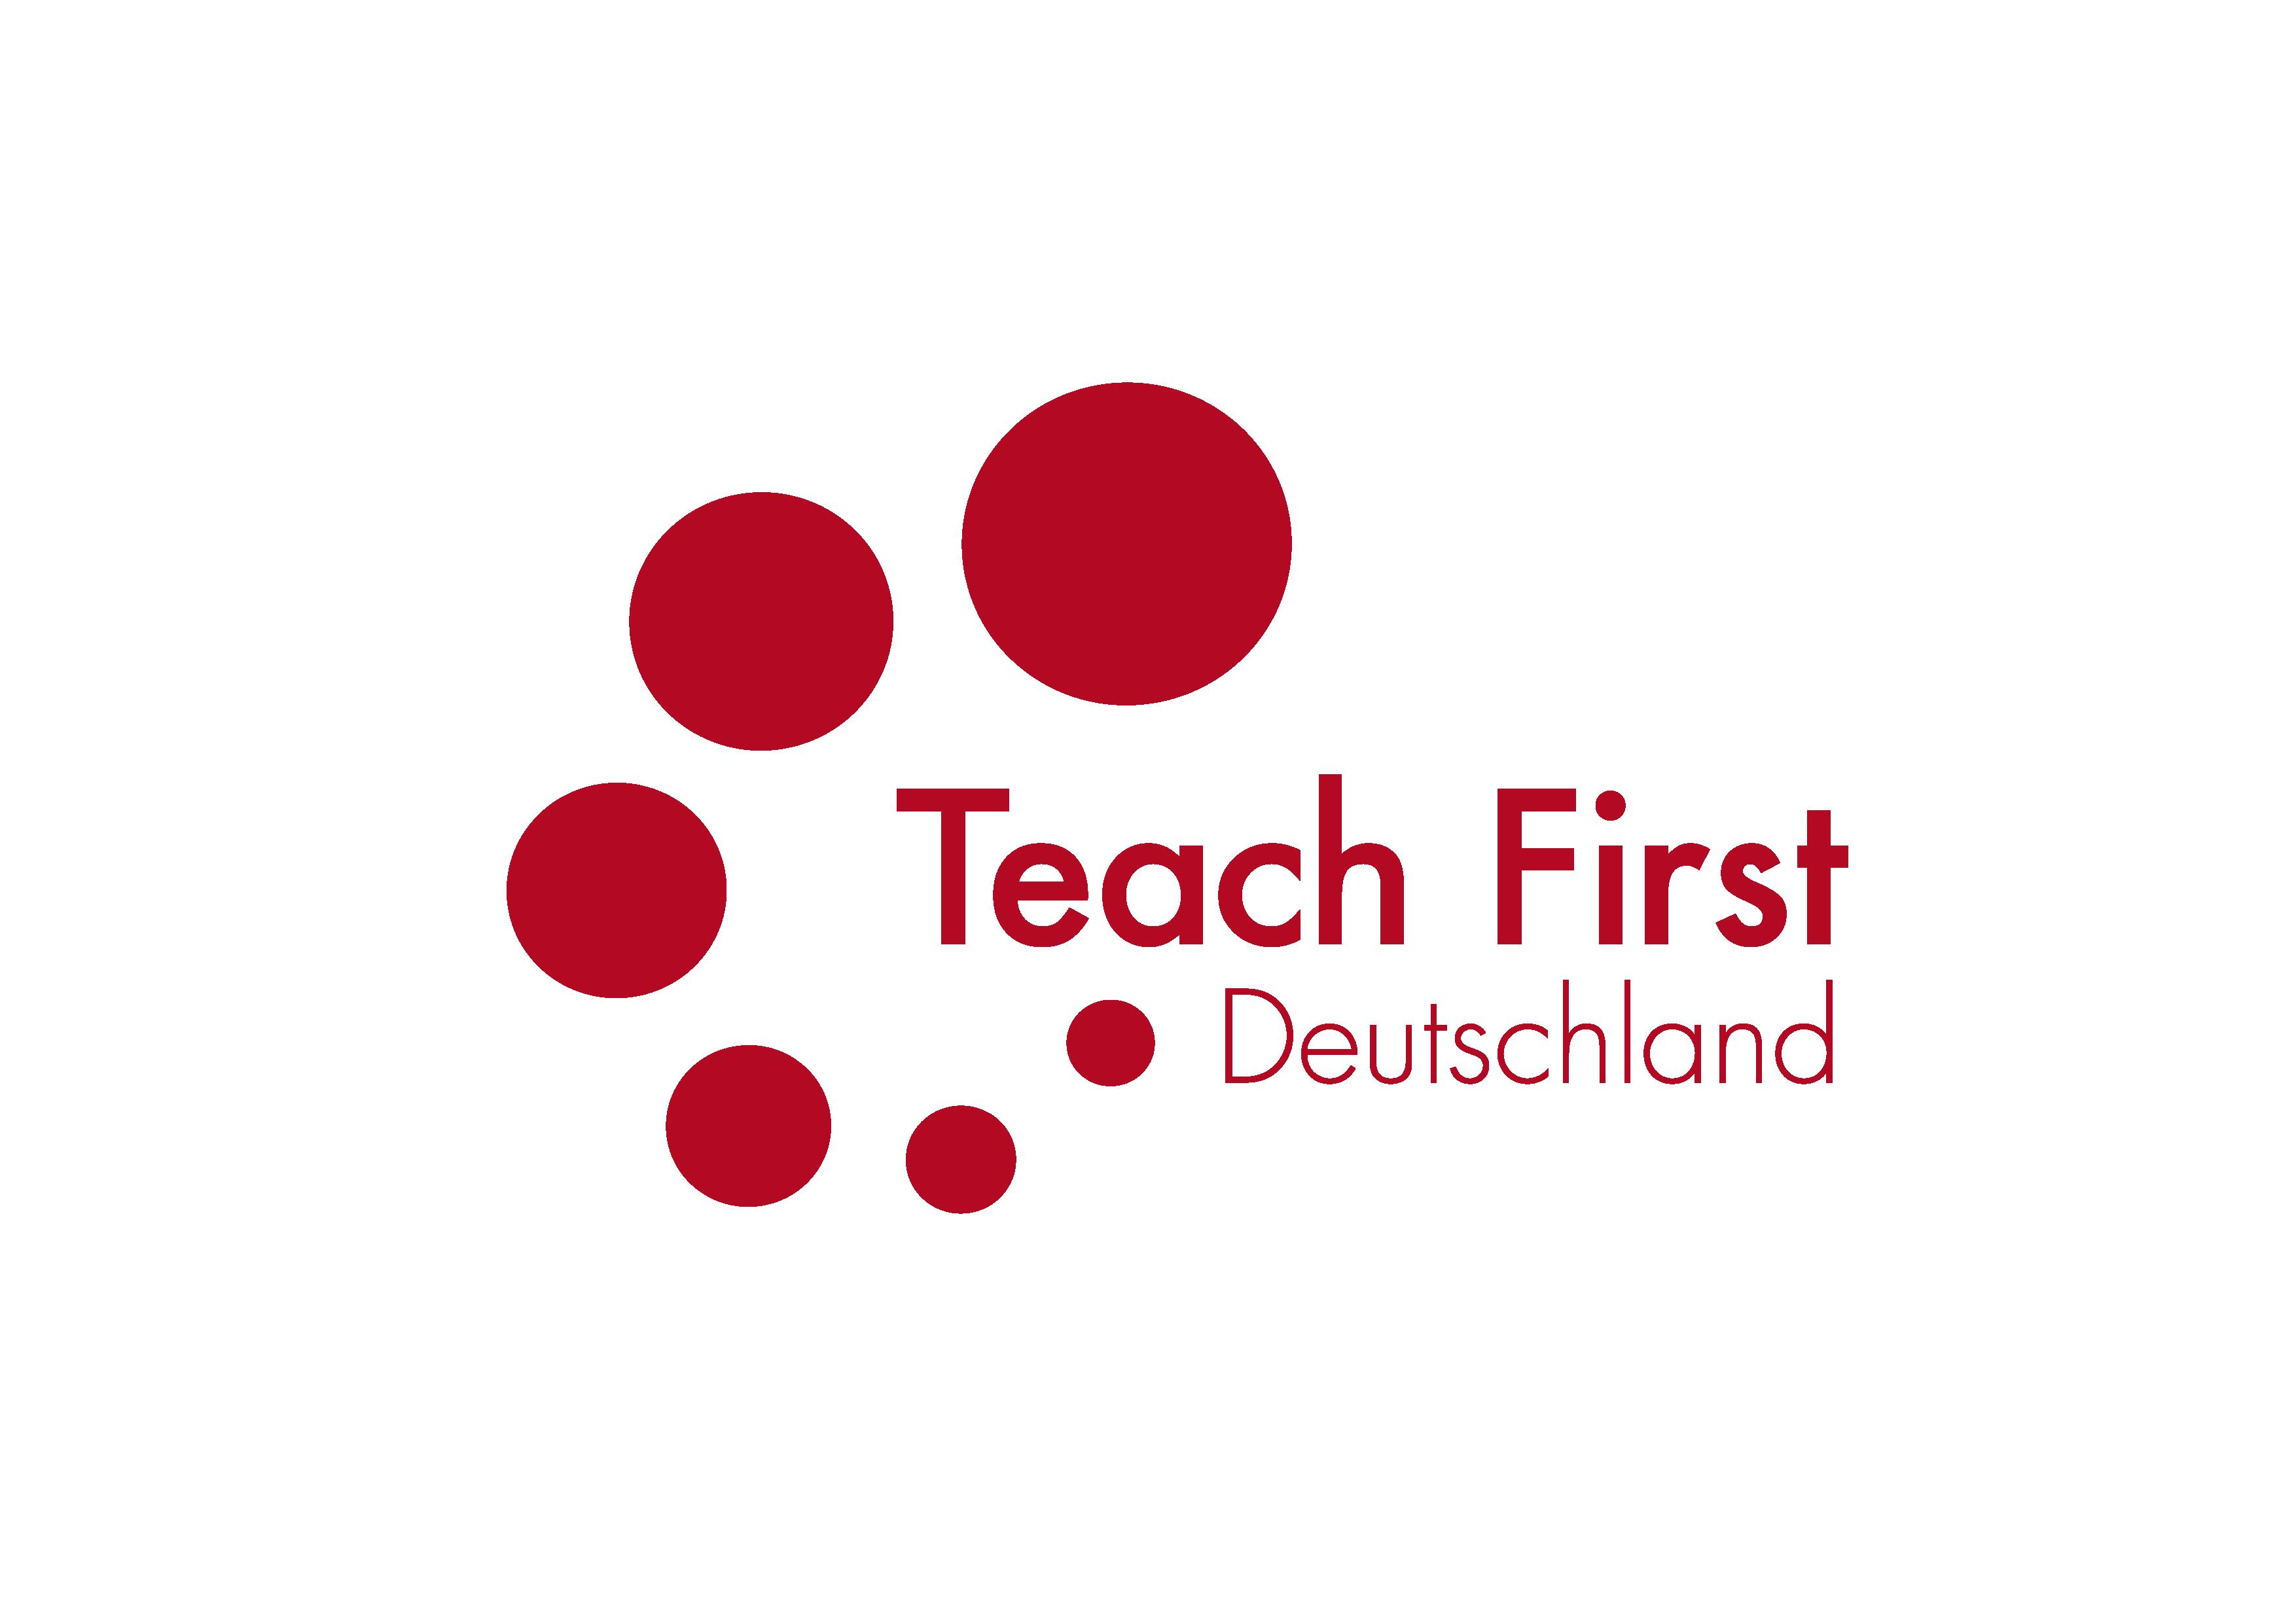 TeachFirst Deutschland